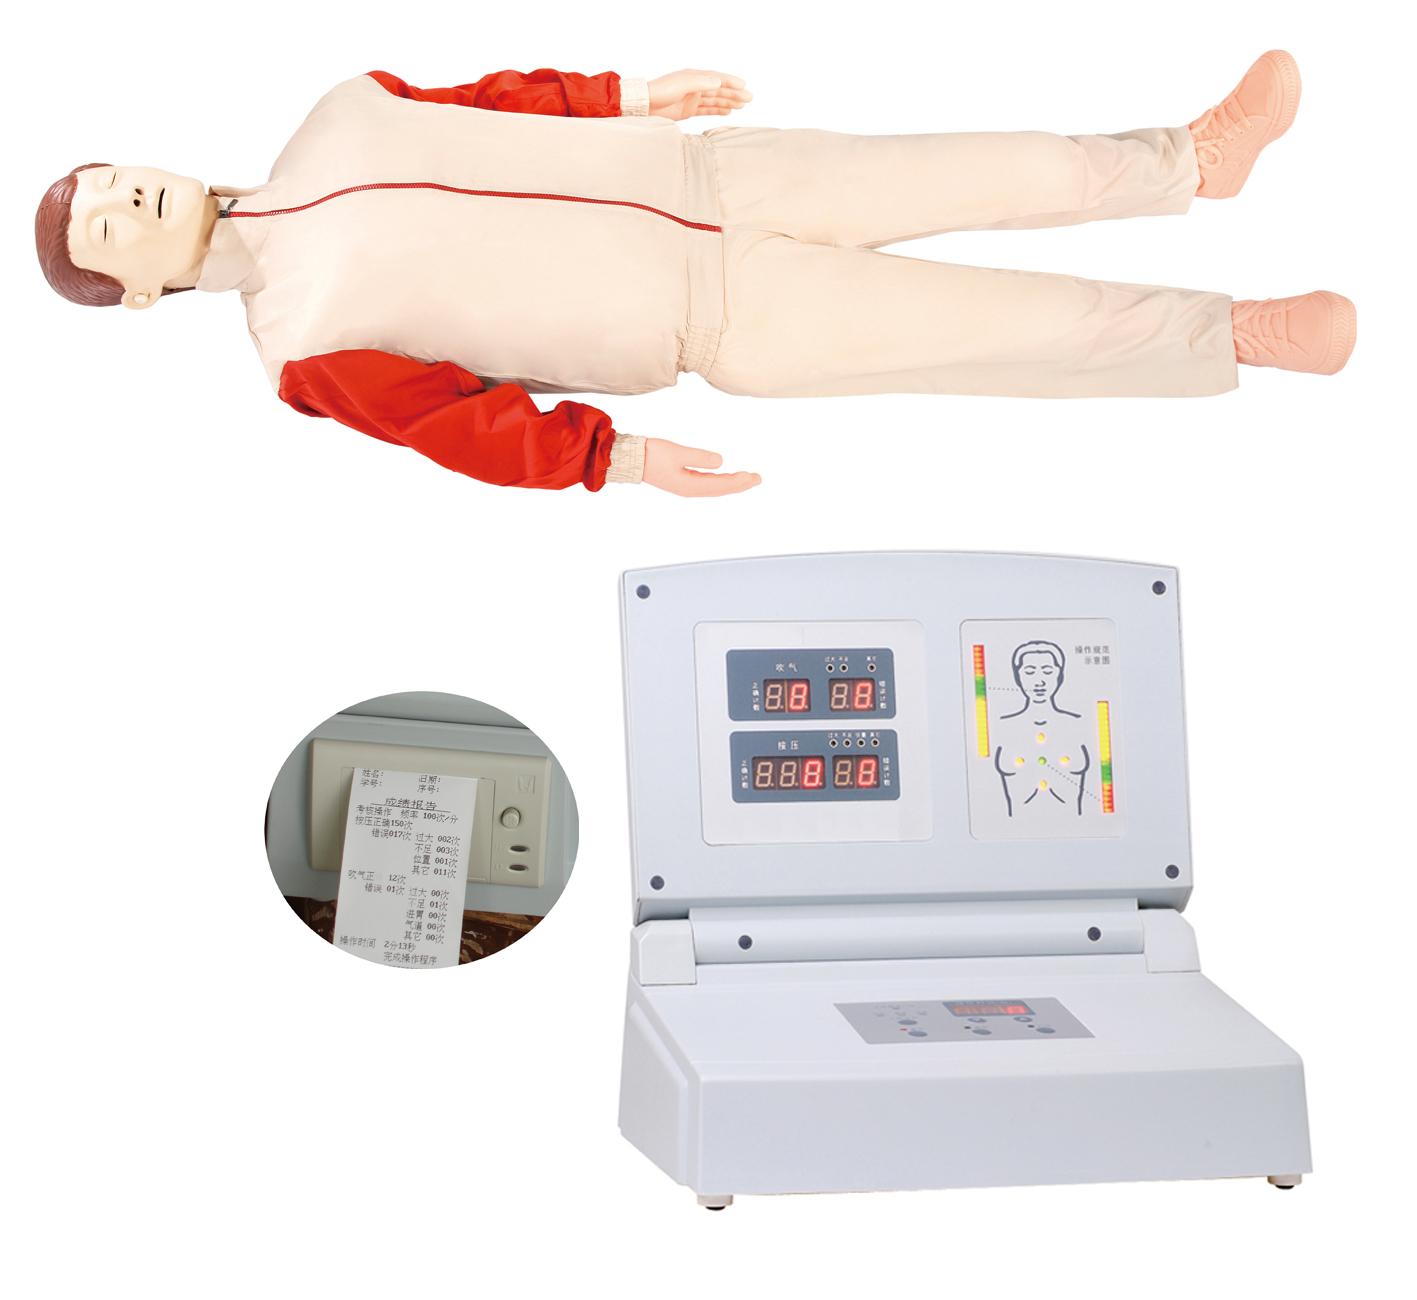 全自动高级电脑心肺复苏模拟人